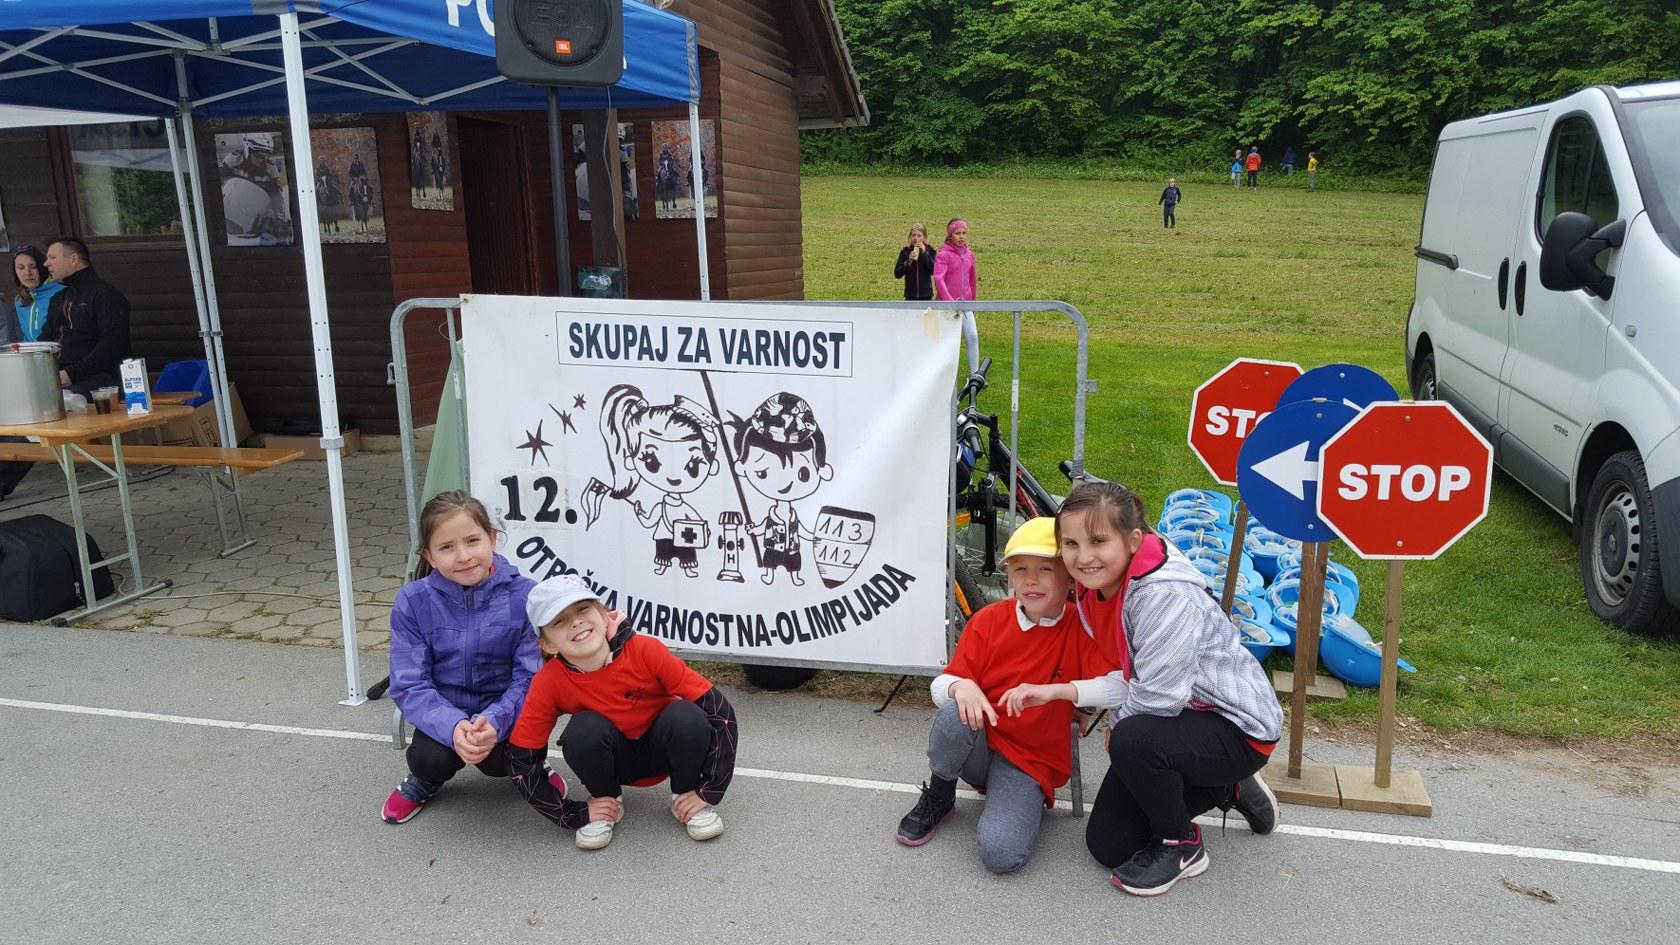 2017_05_10_varnostna_olimpijada-17